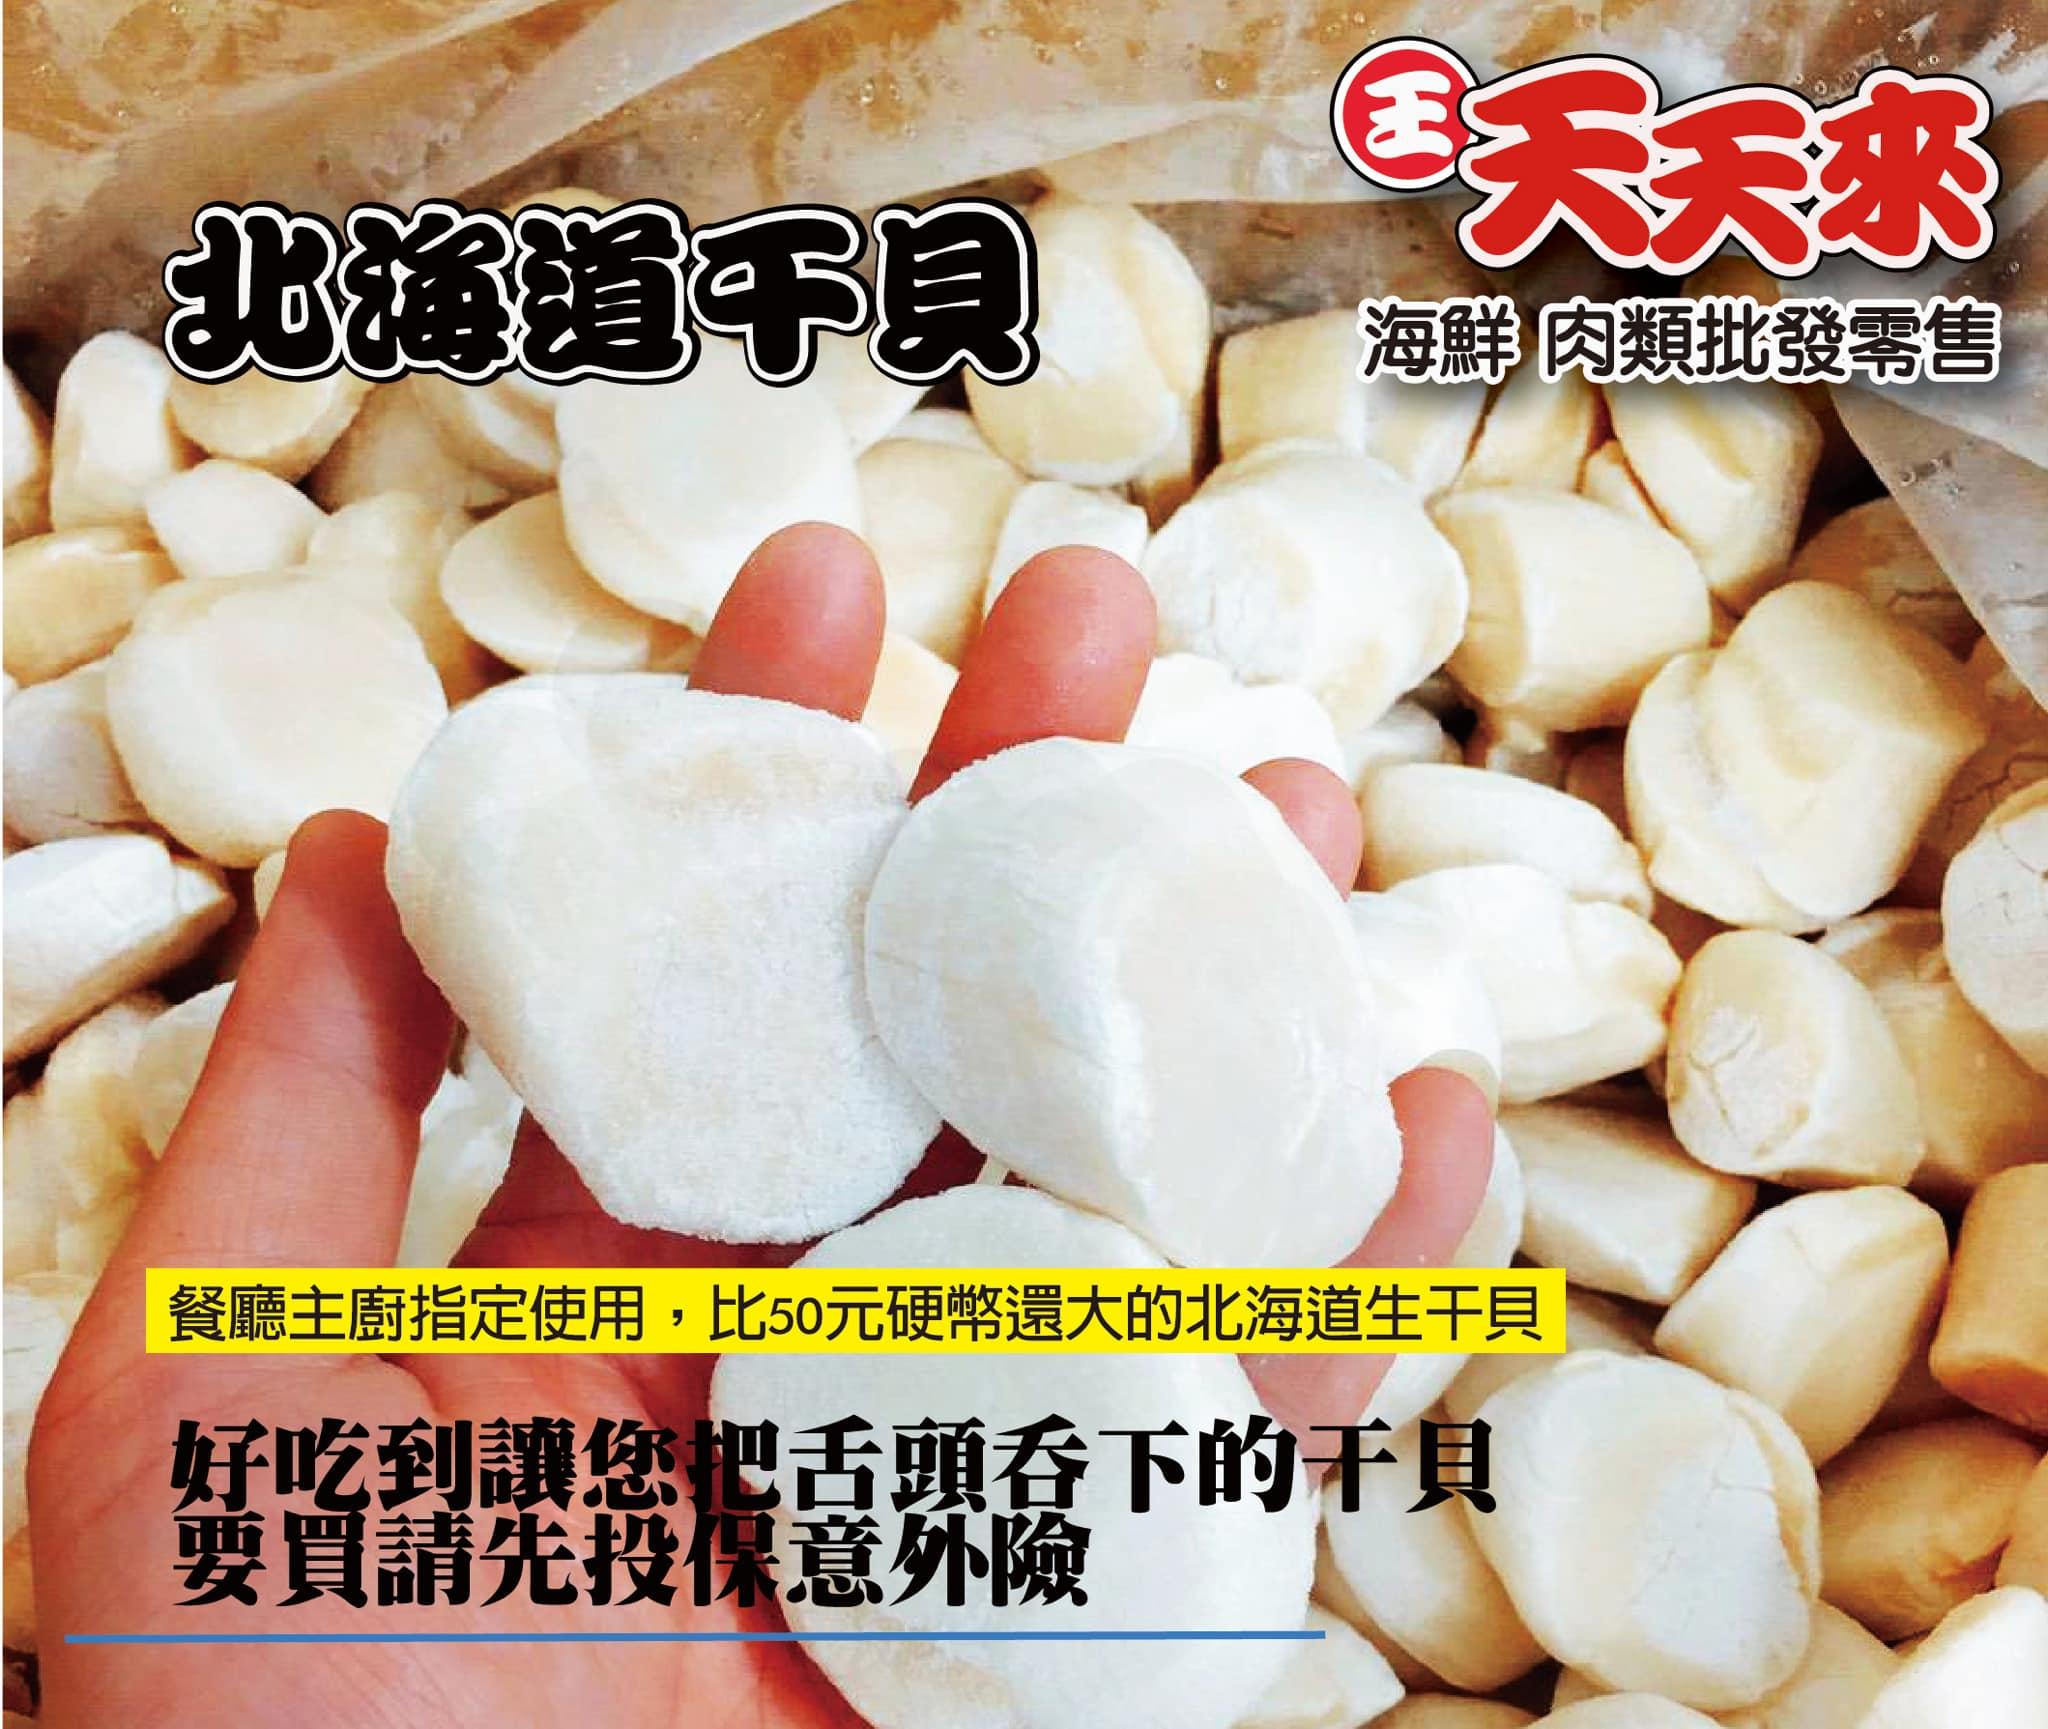 日本生食級干貝 多種規格 重量:1000克/盒